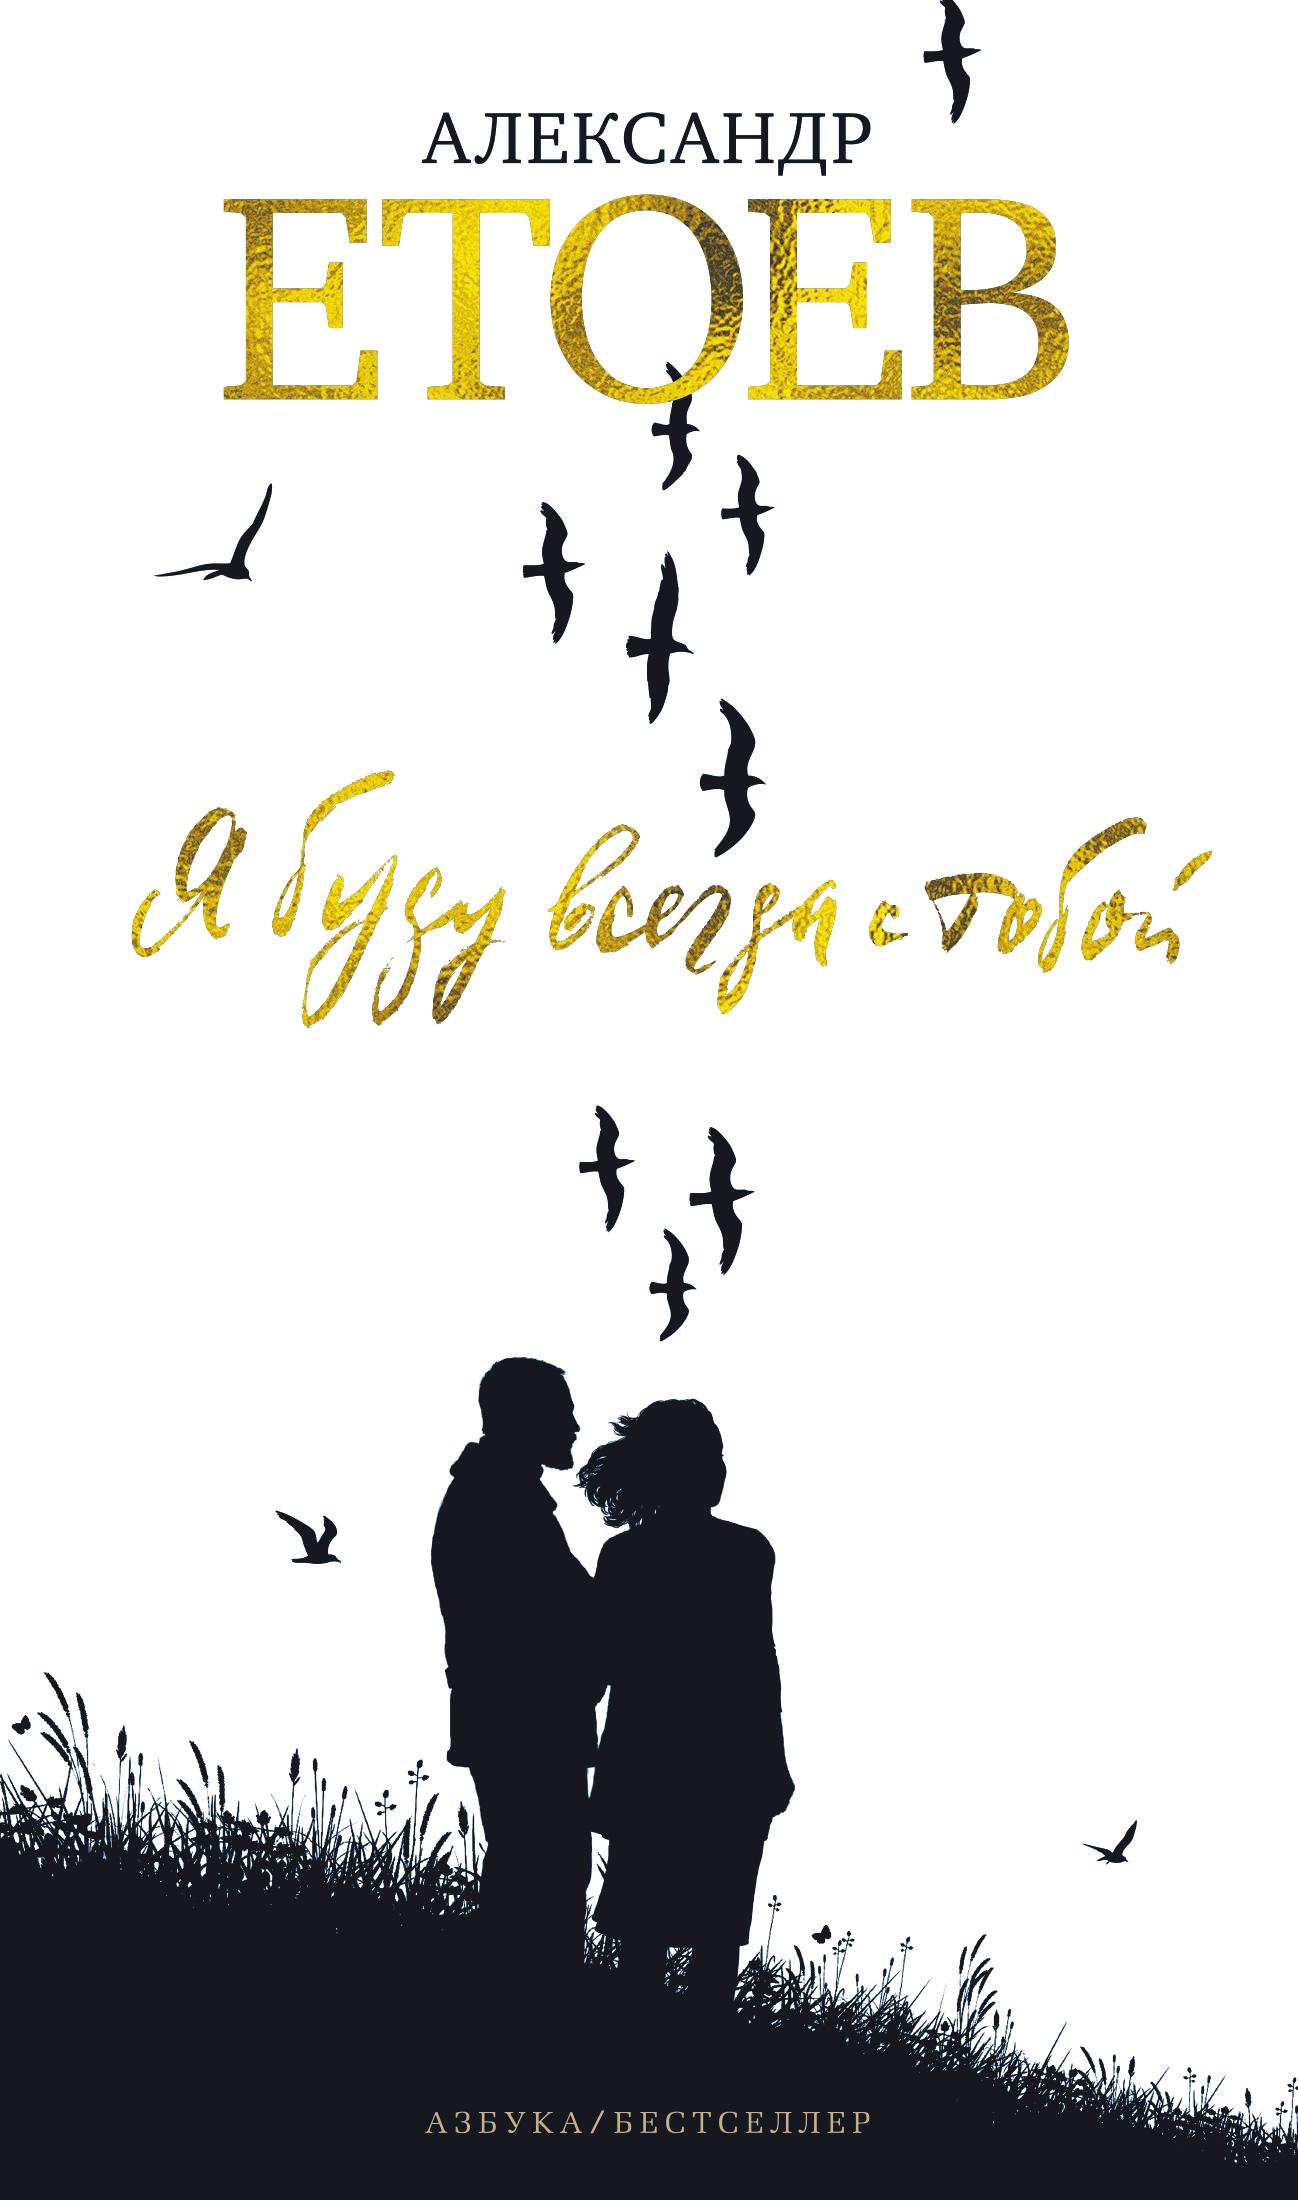 Александр Етоев «Я буду всегда с тобой»